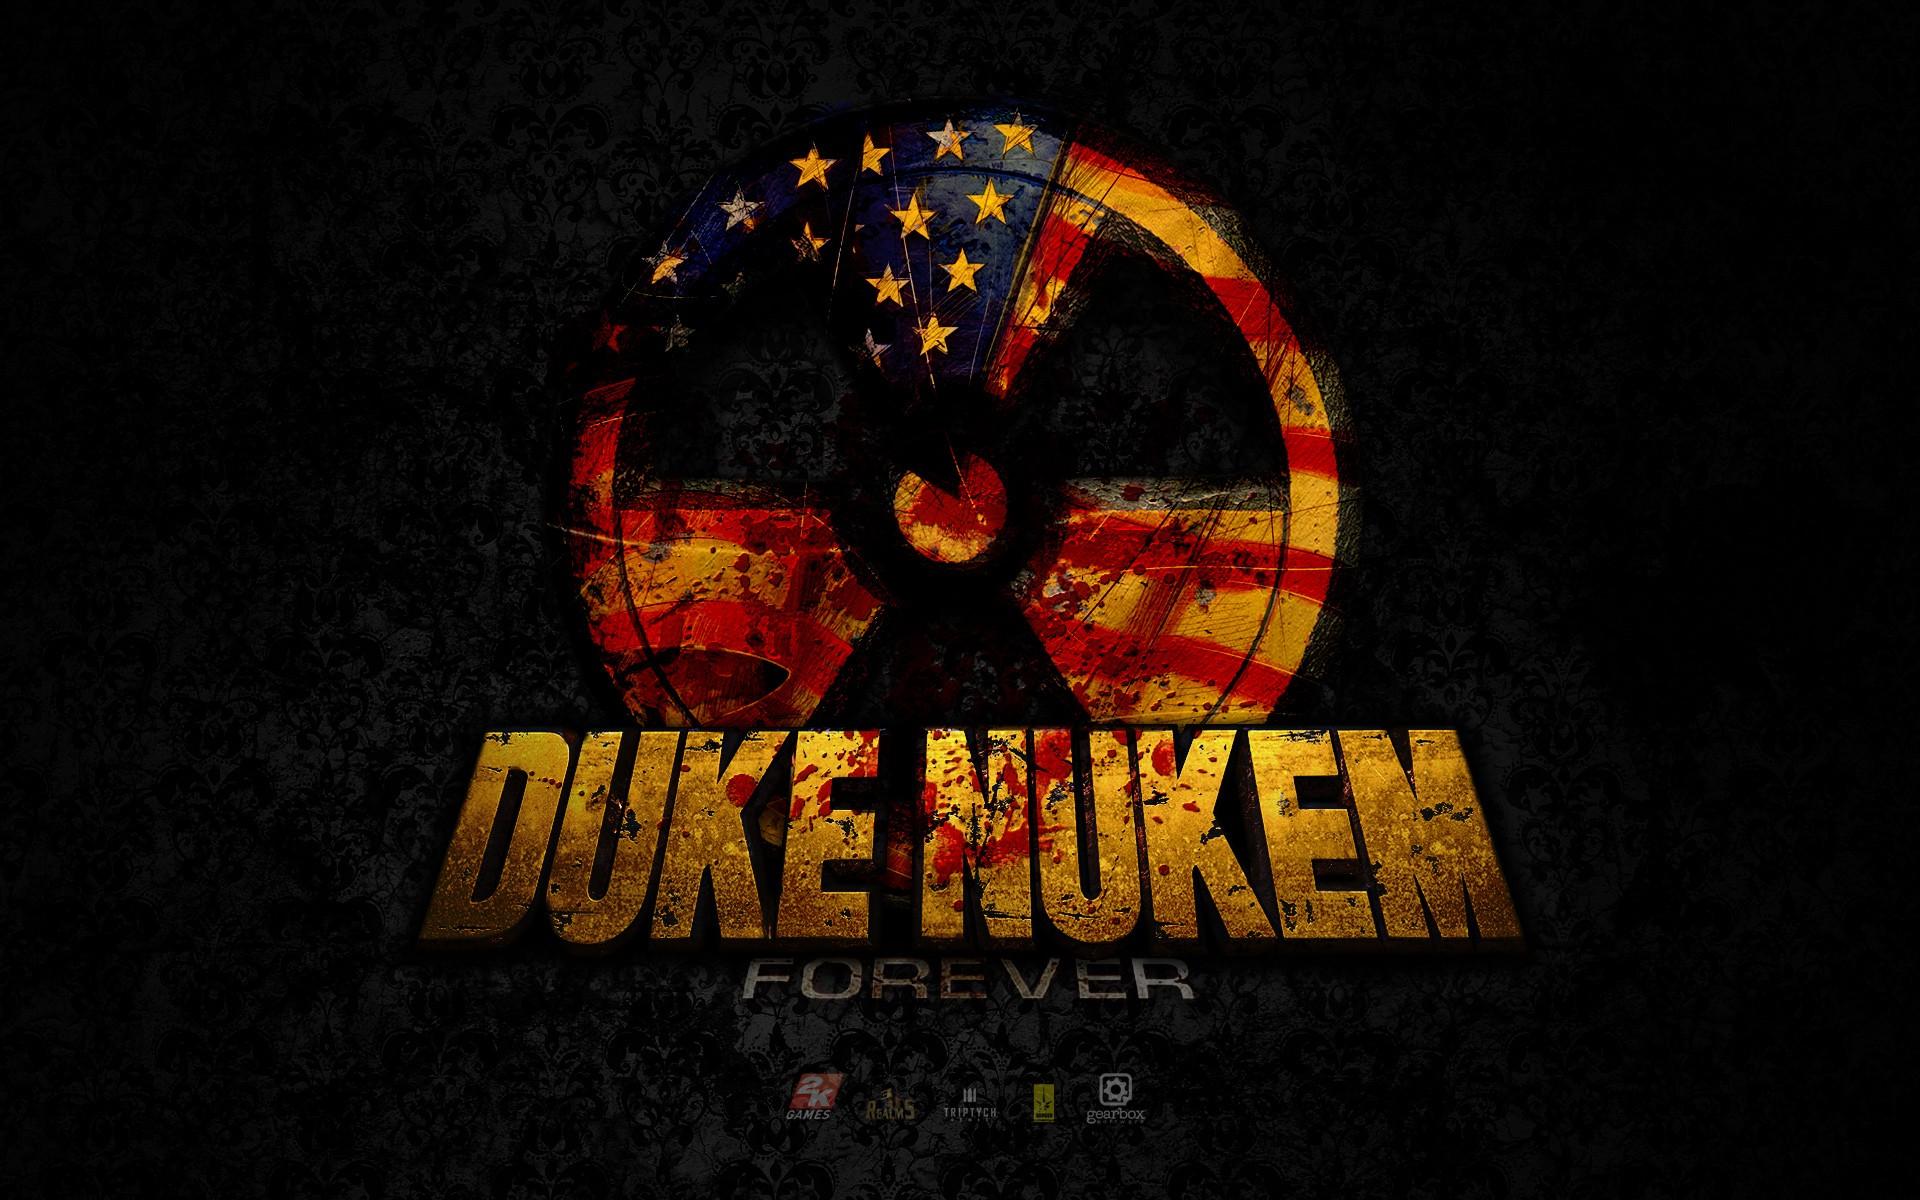 Duke Nukem Forever 2011 1920x1200 WIDE Image Games 1920x1200